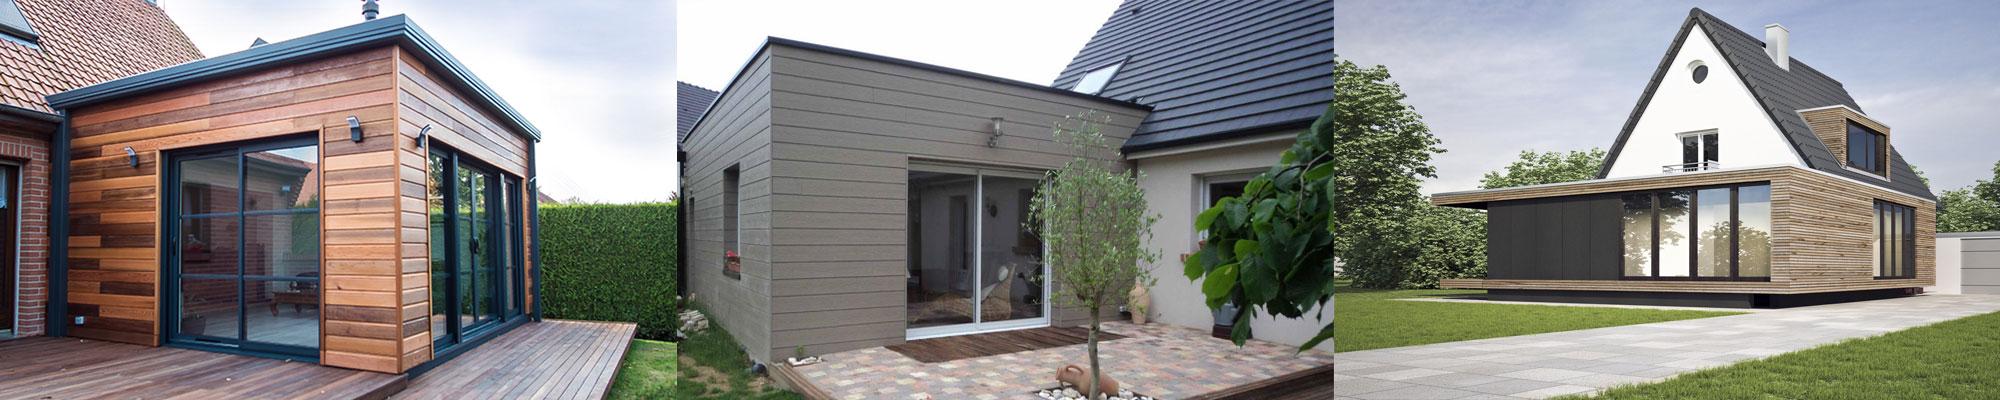 Extension Agrandissement ossature bois La Baule Guérande Pornichet